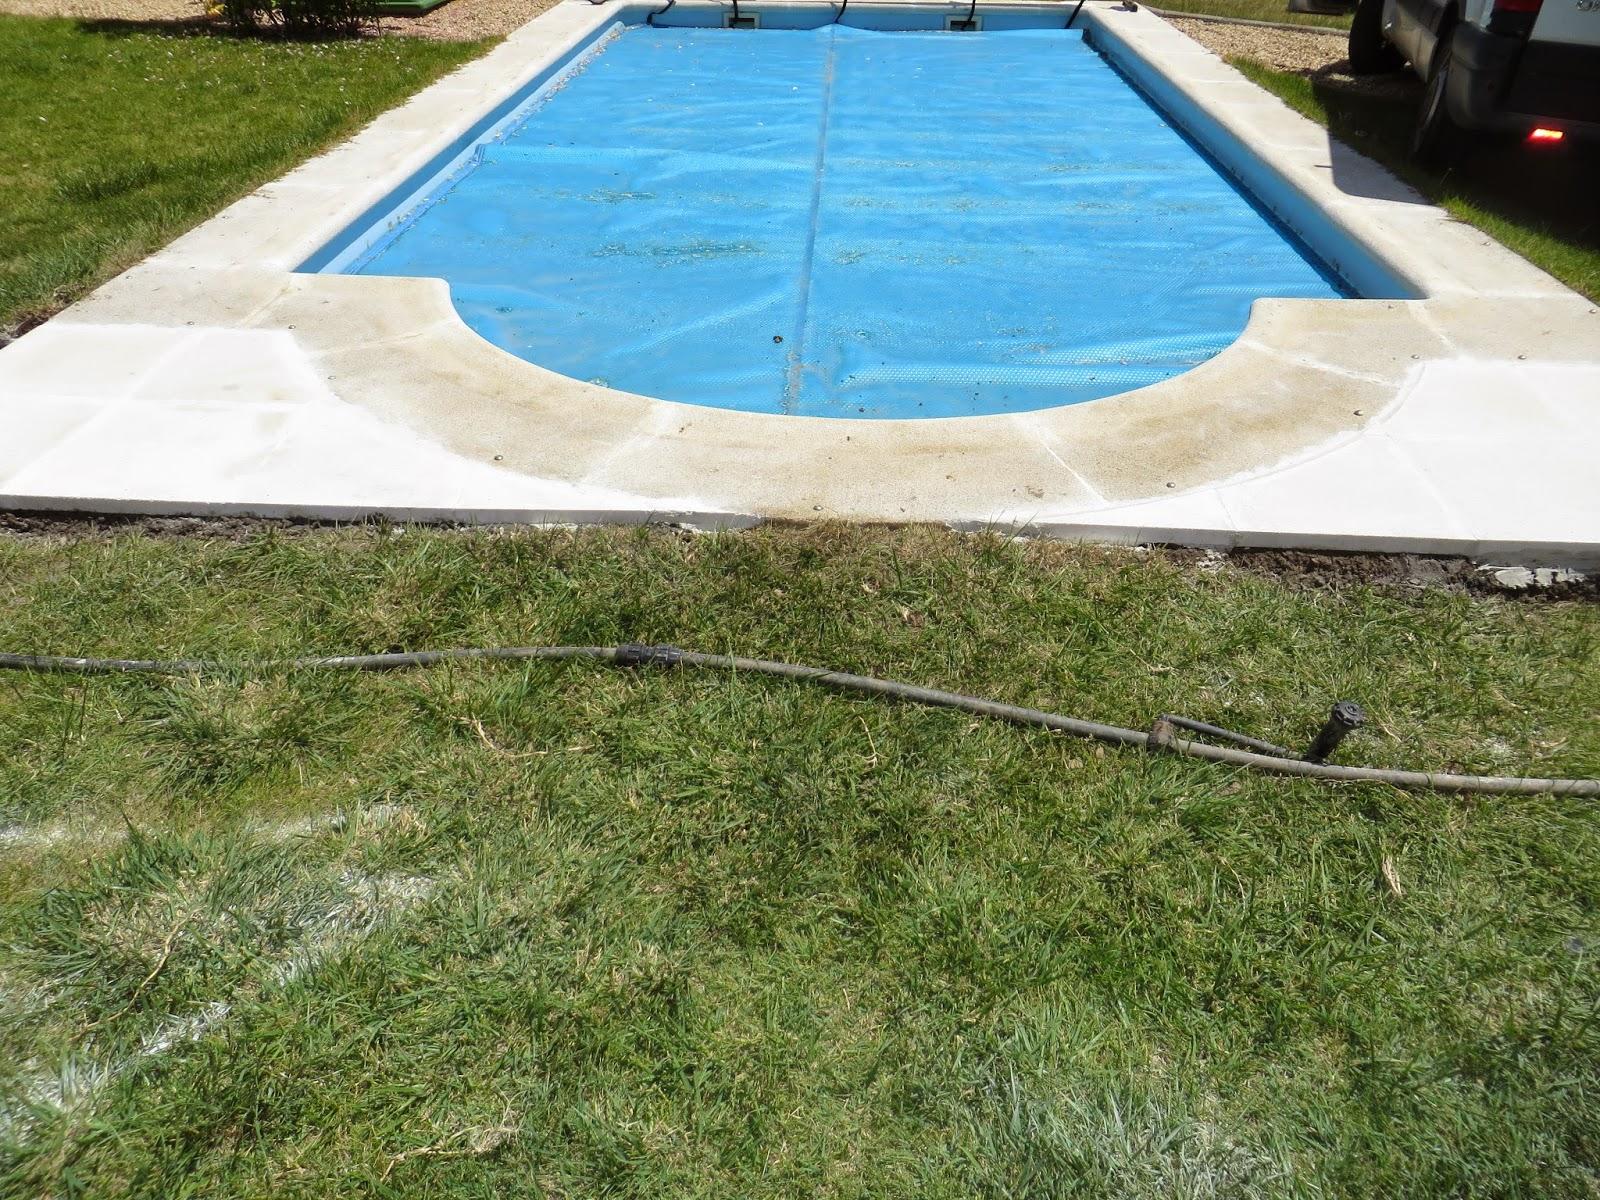 Reformasvillasolle nmultiservicios - Presupuestos para piscinas ...